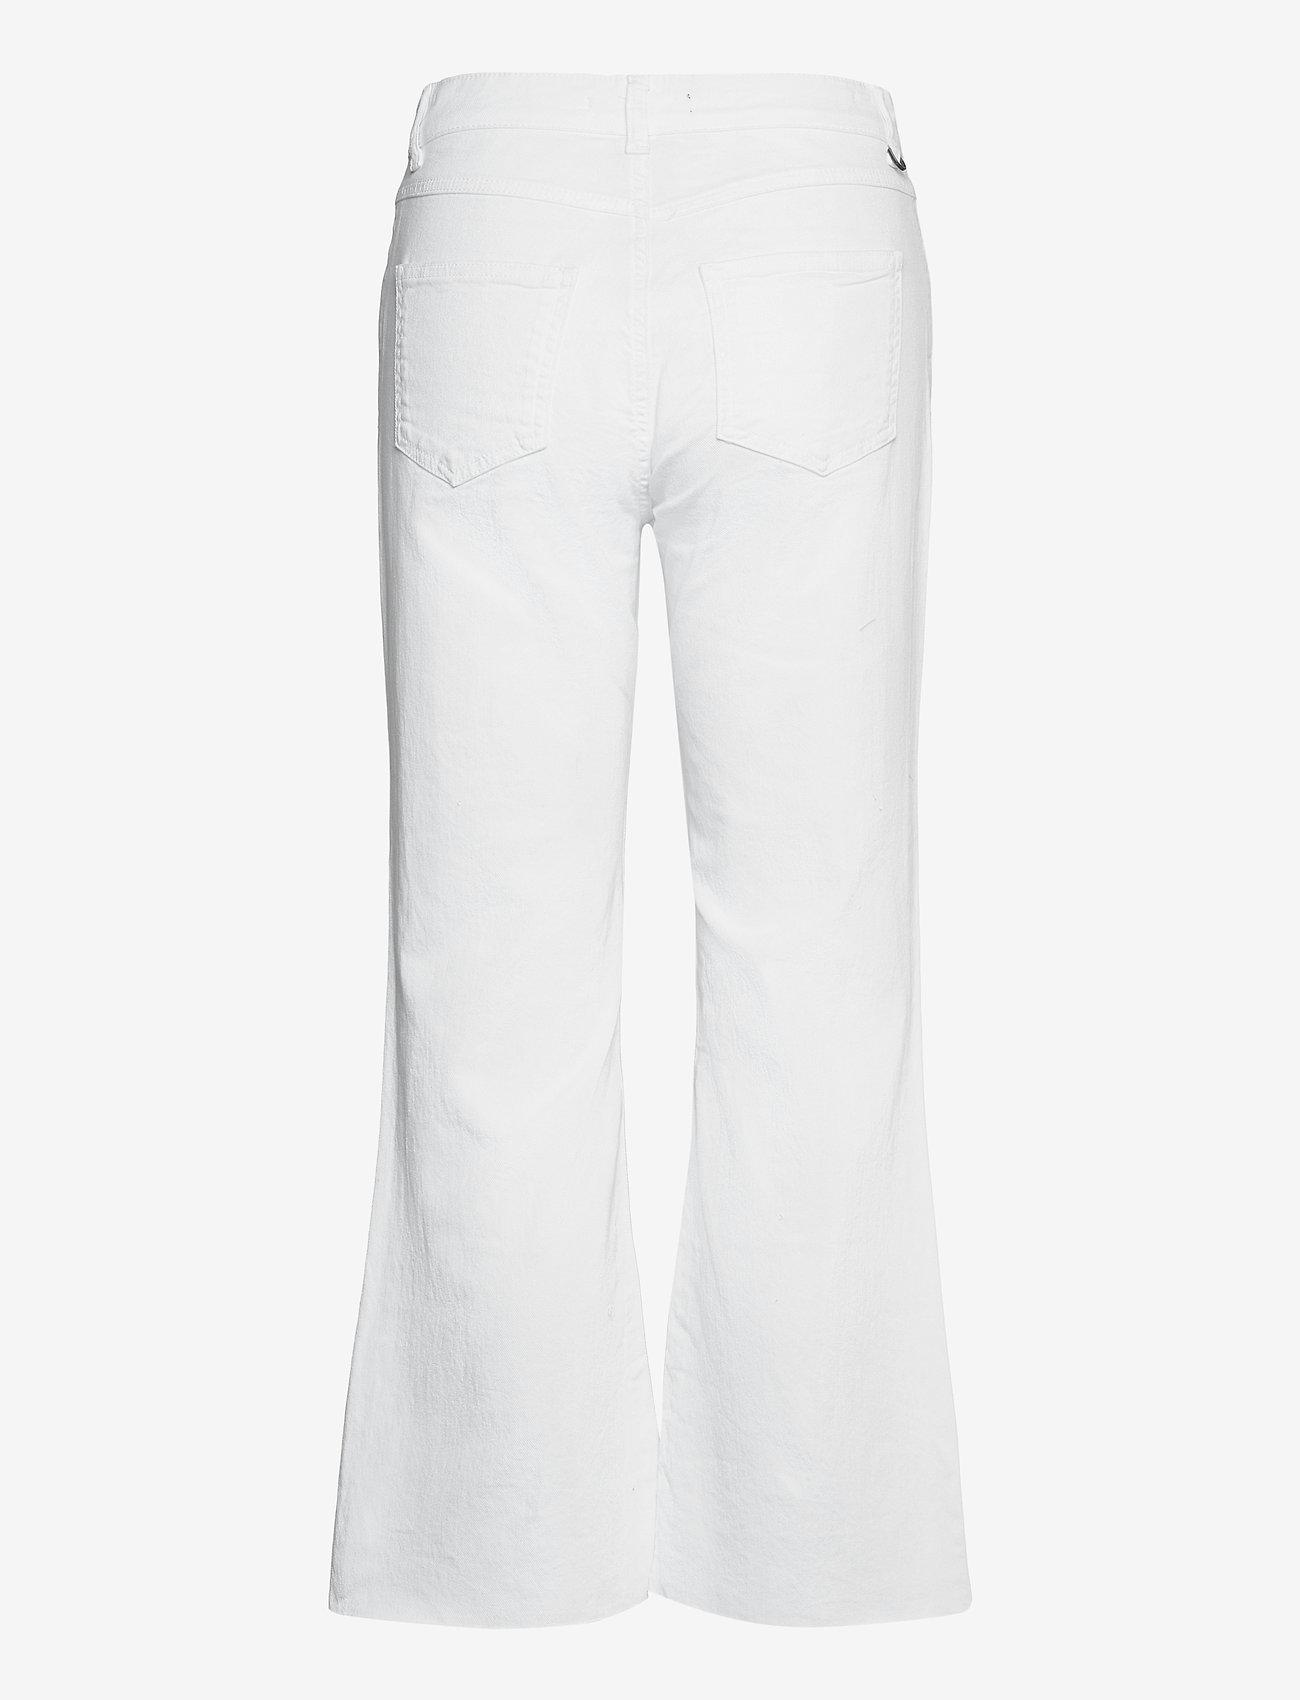 Max&Co. - SEMITONO - broeken - optic white - 1